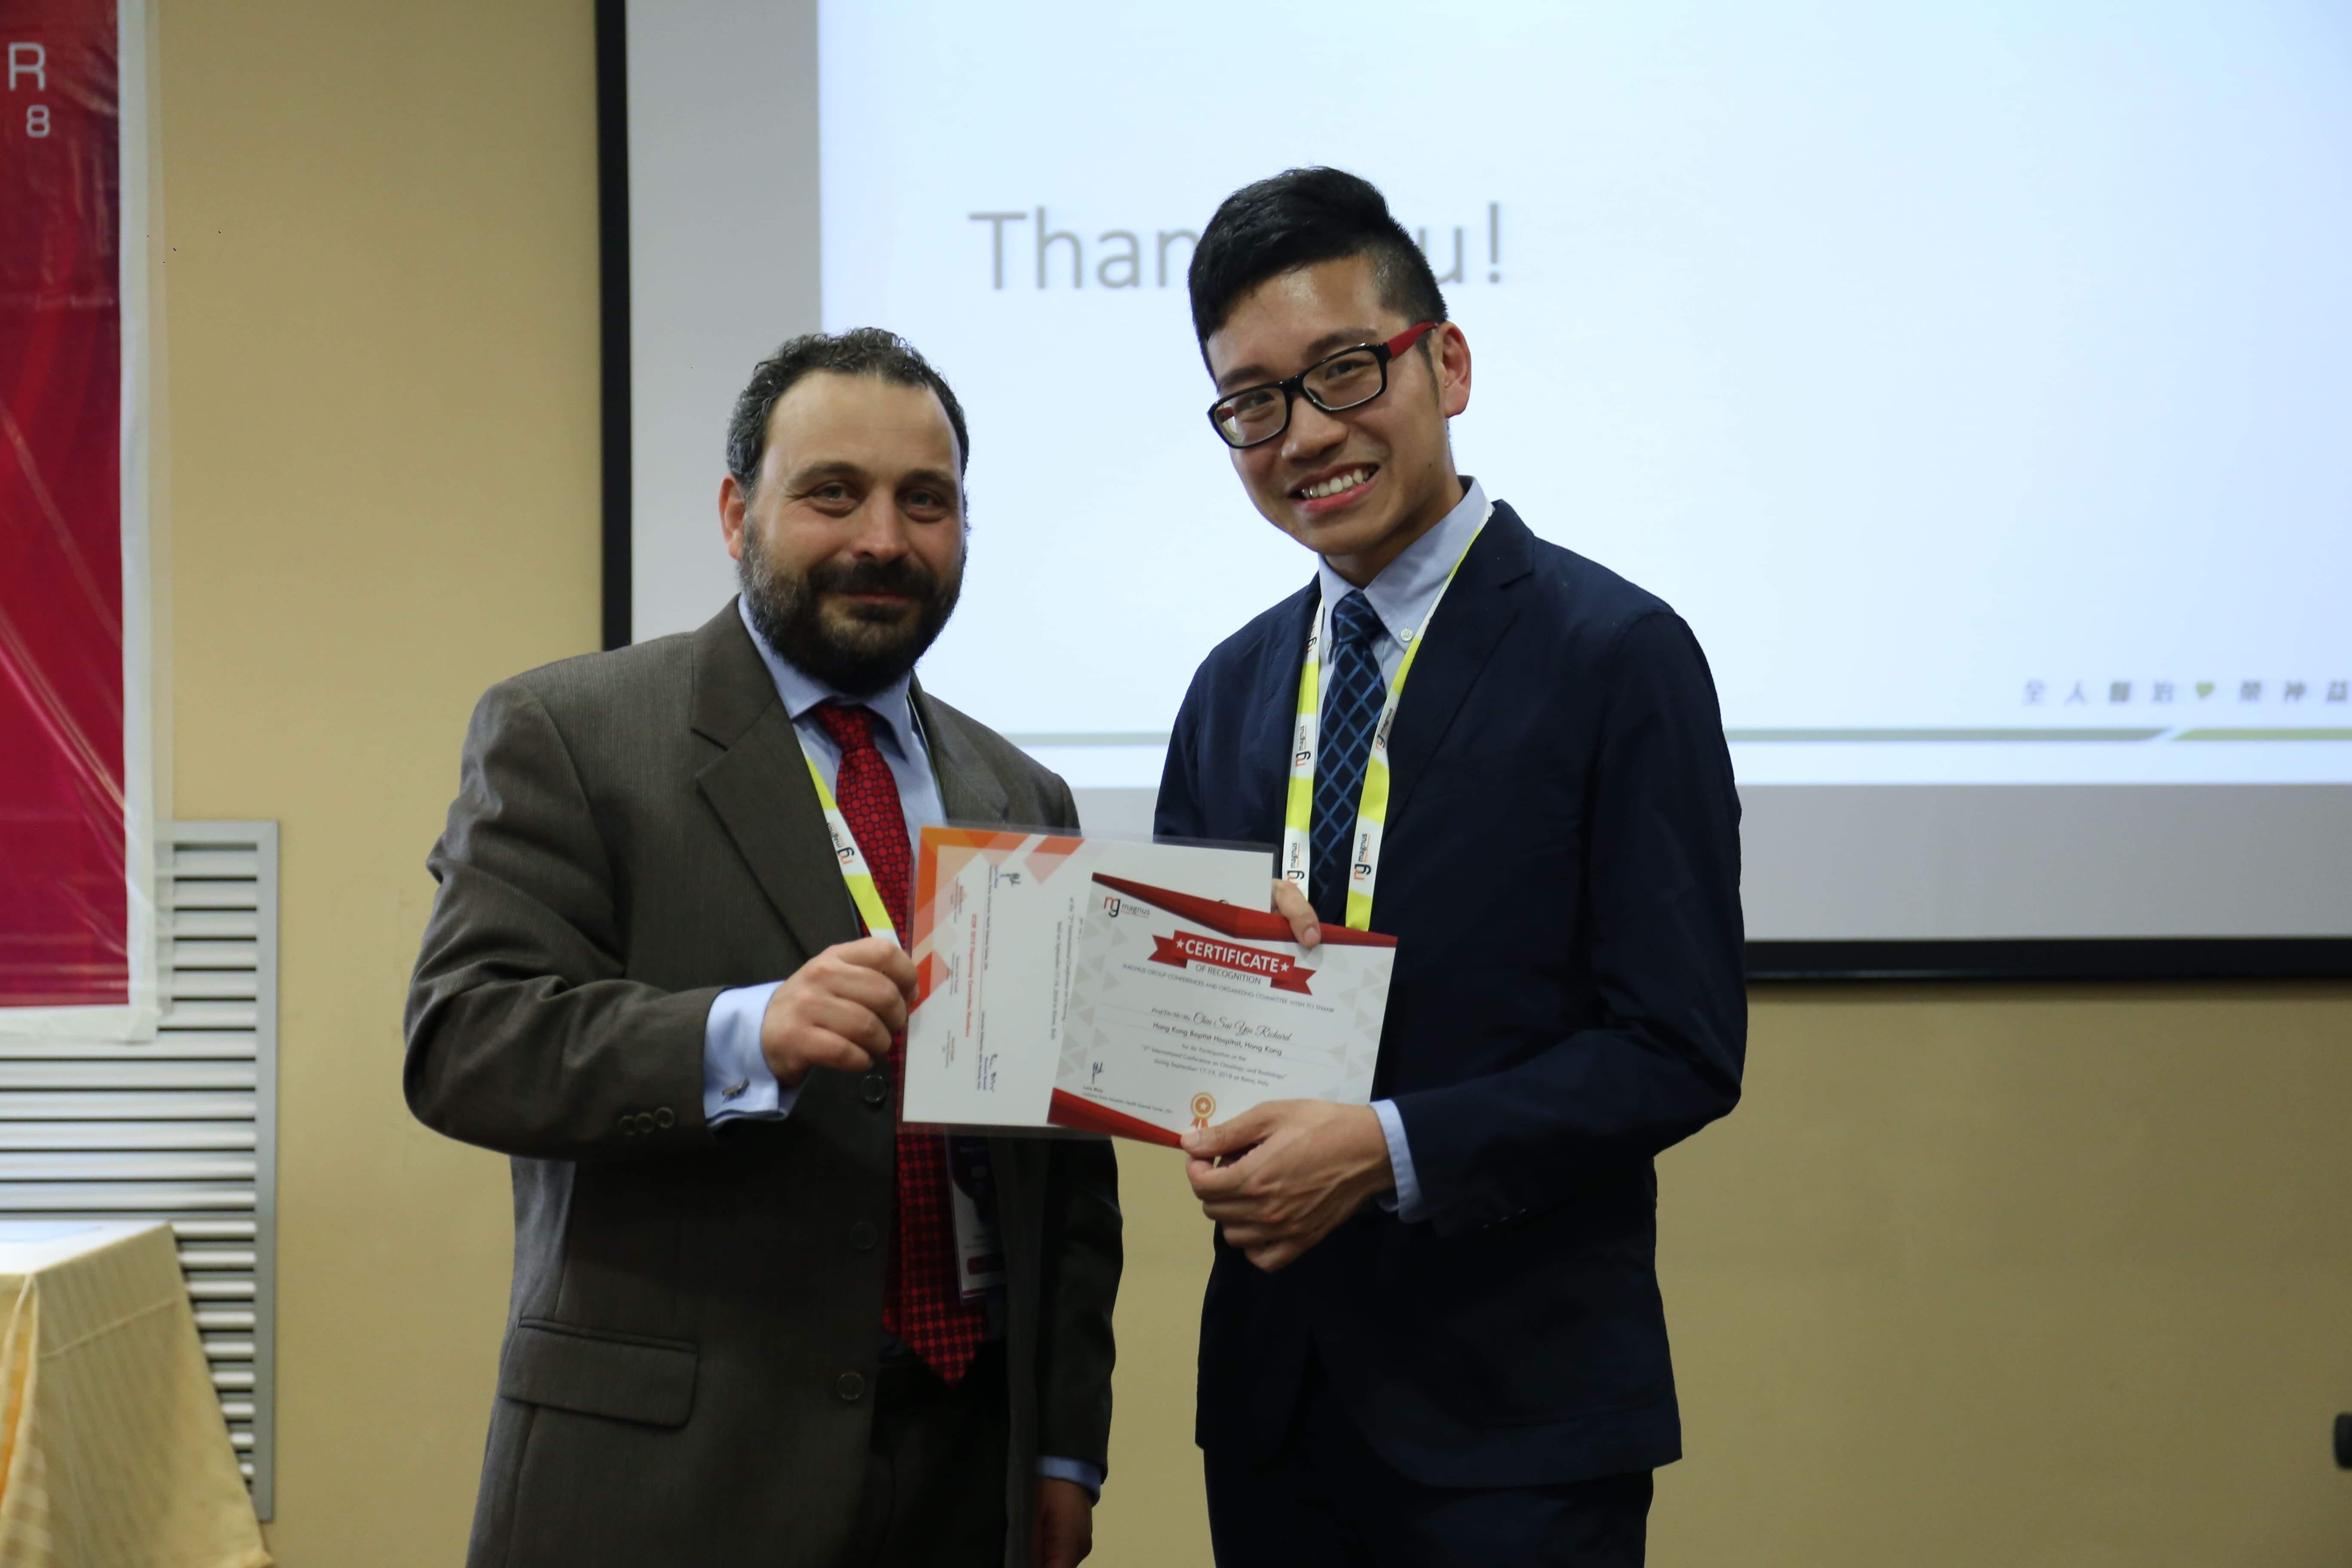 Cancer research conferences - Chiu Sai Yiu Richard